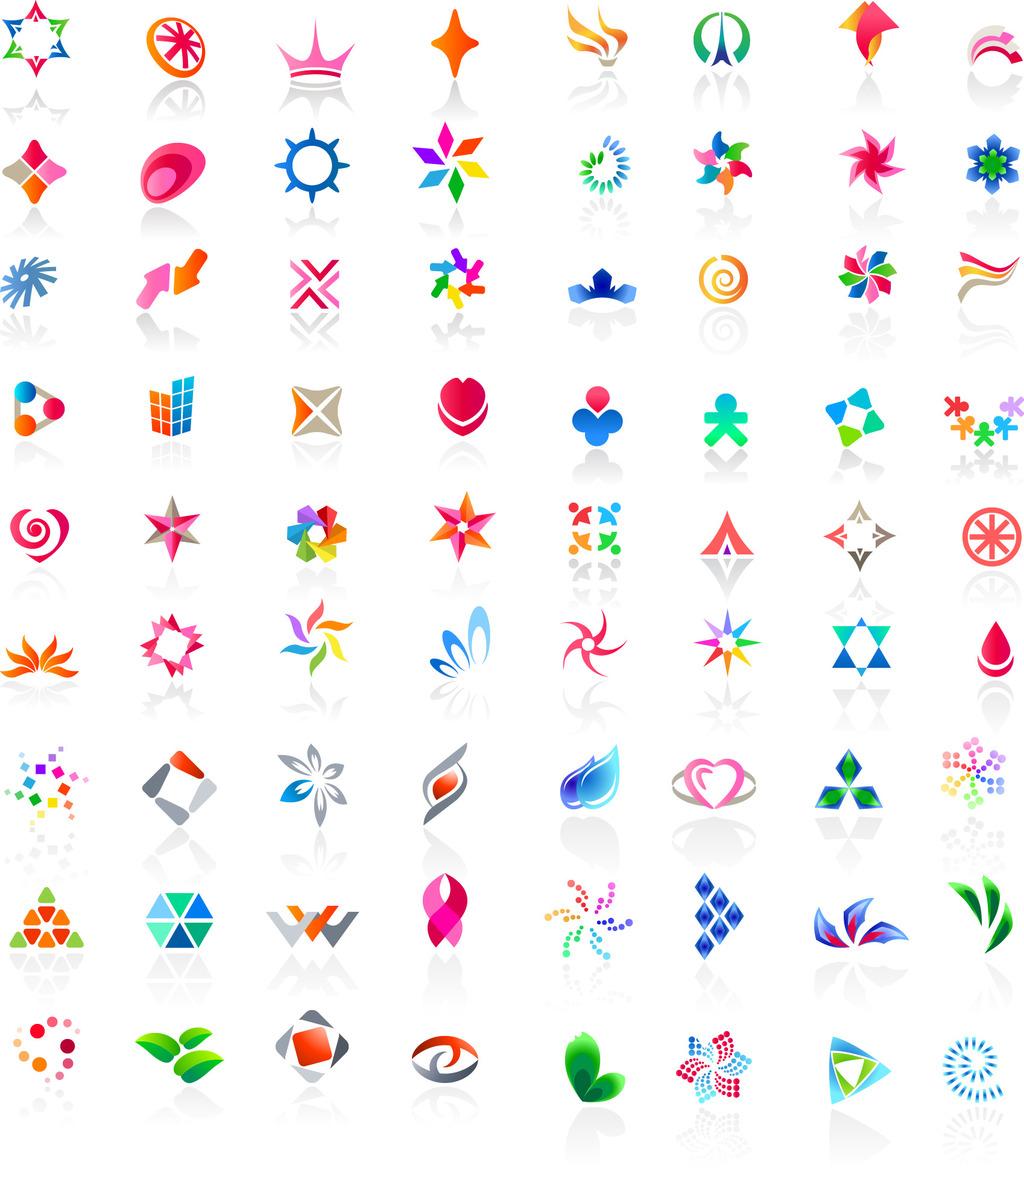 适合做logo素材小图标淘宝图标